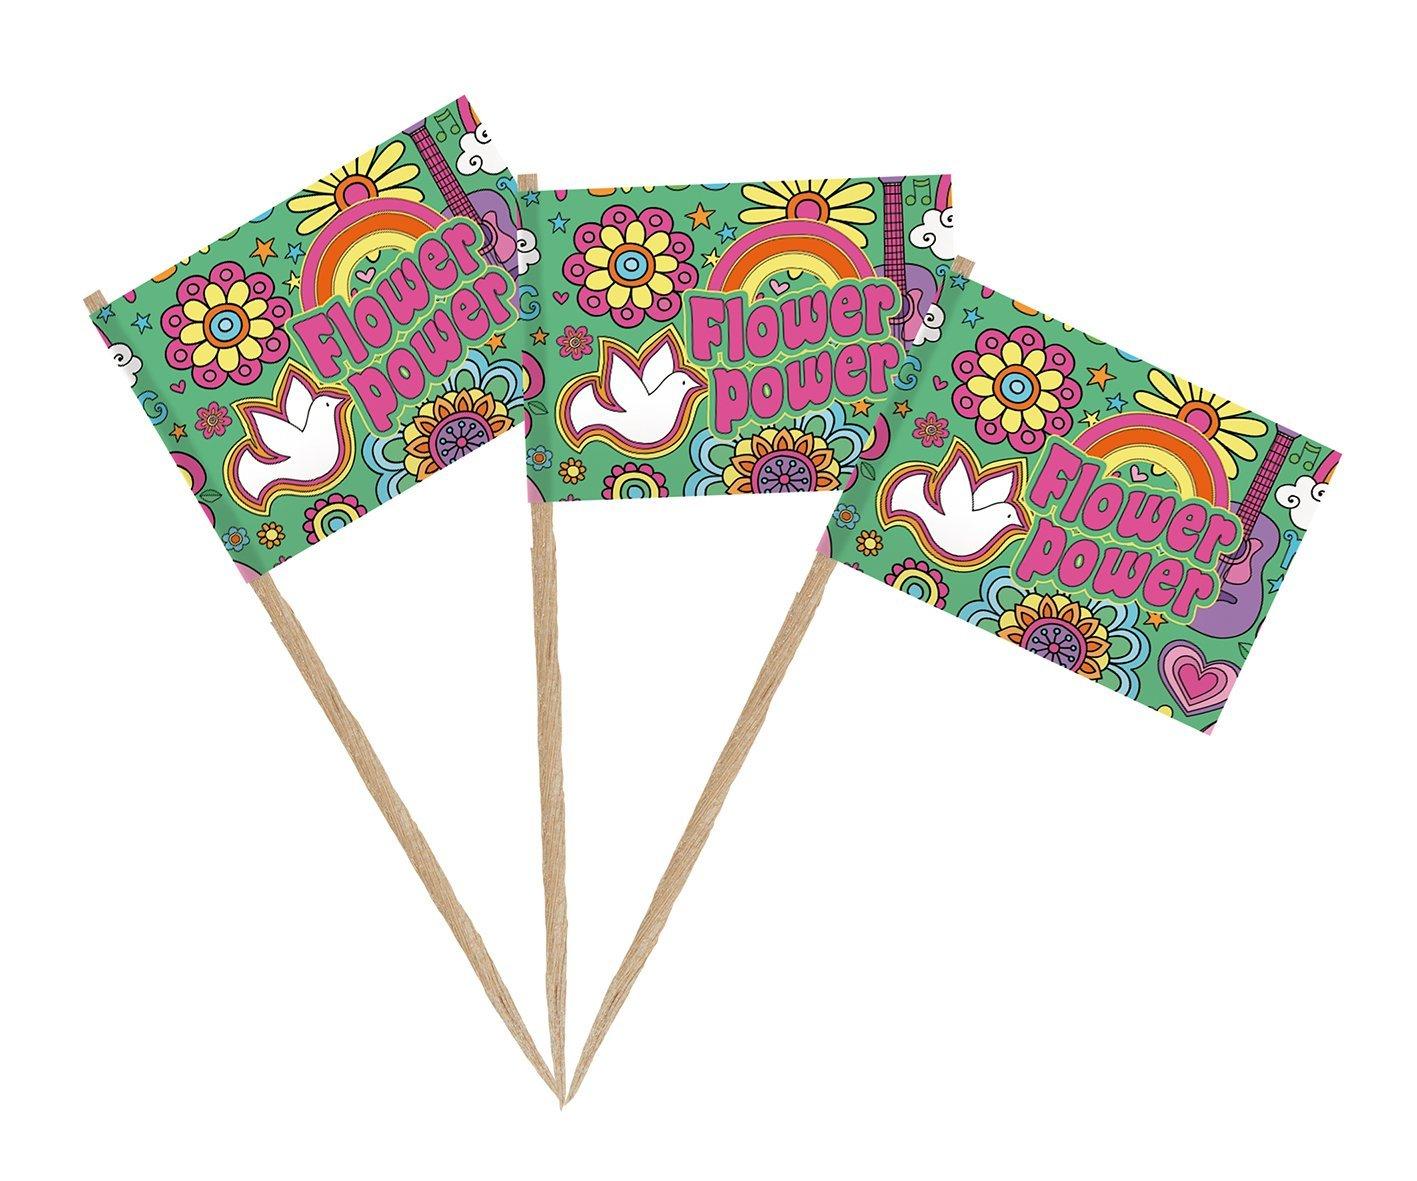 50 Dekopicker Flaggen-Picker Flaggenpicker Flower Power Käsepicker